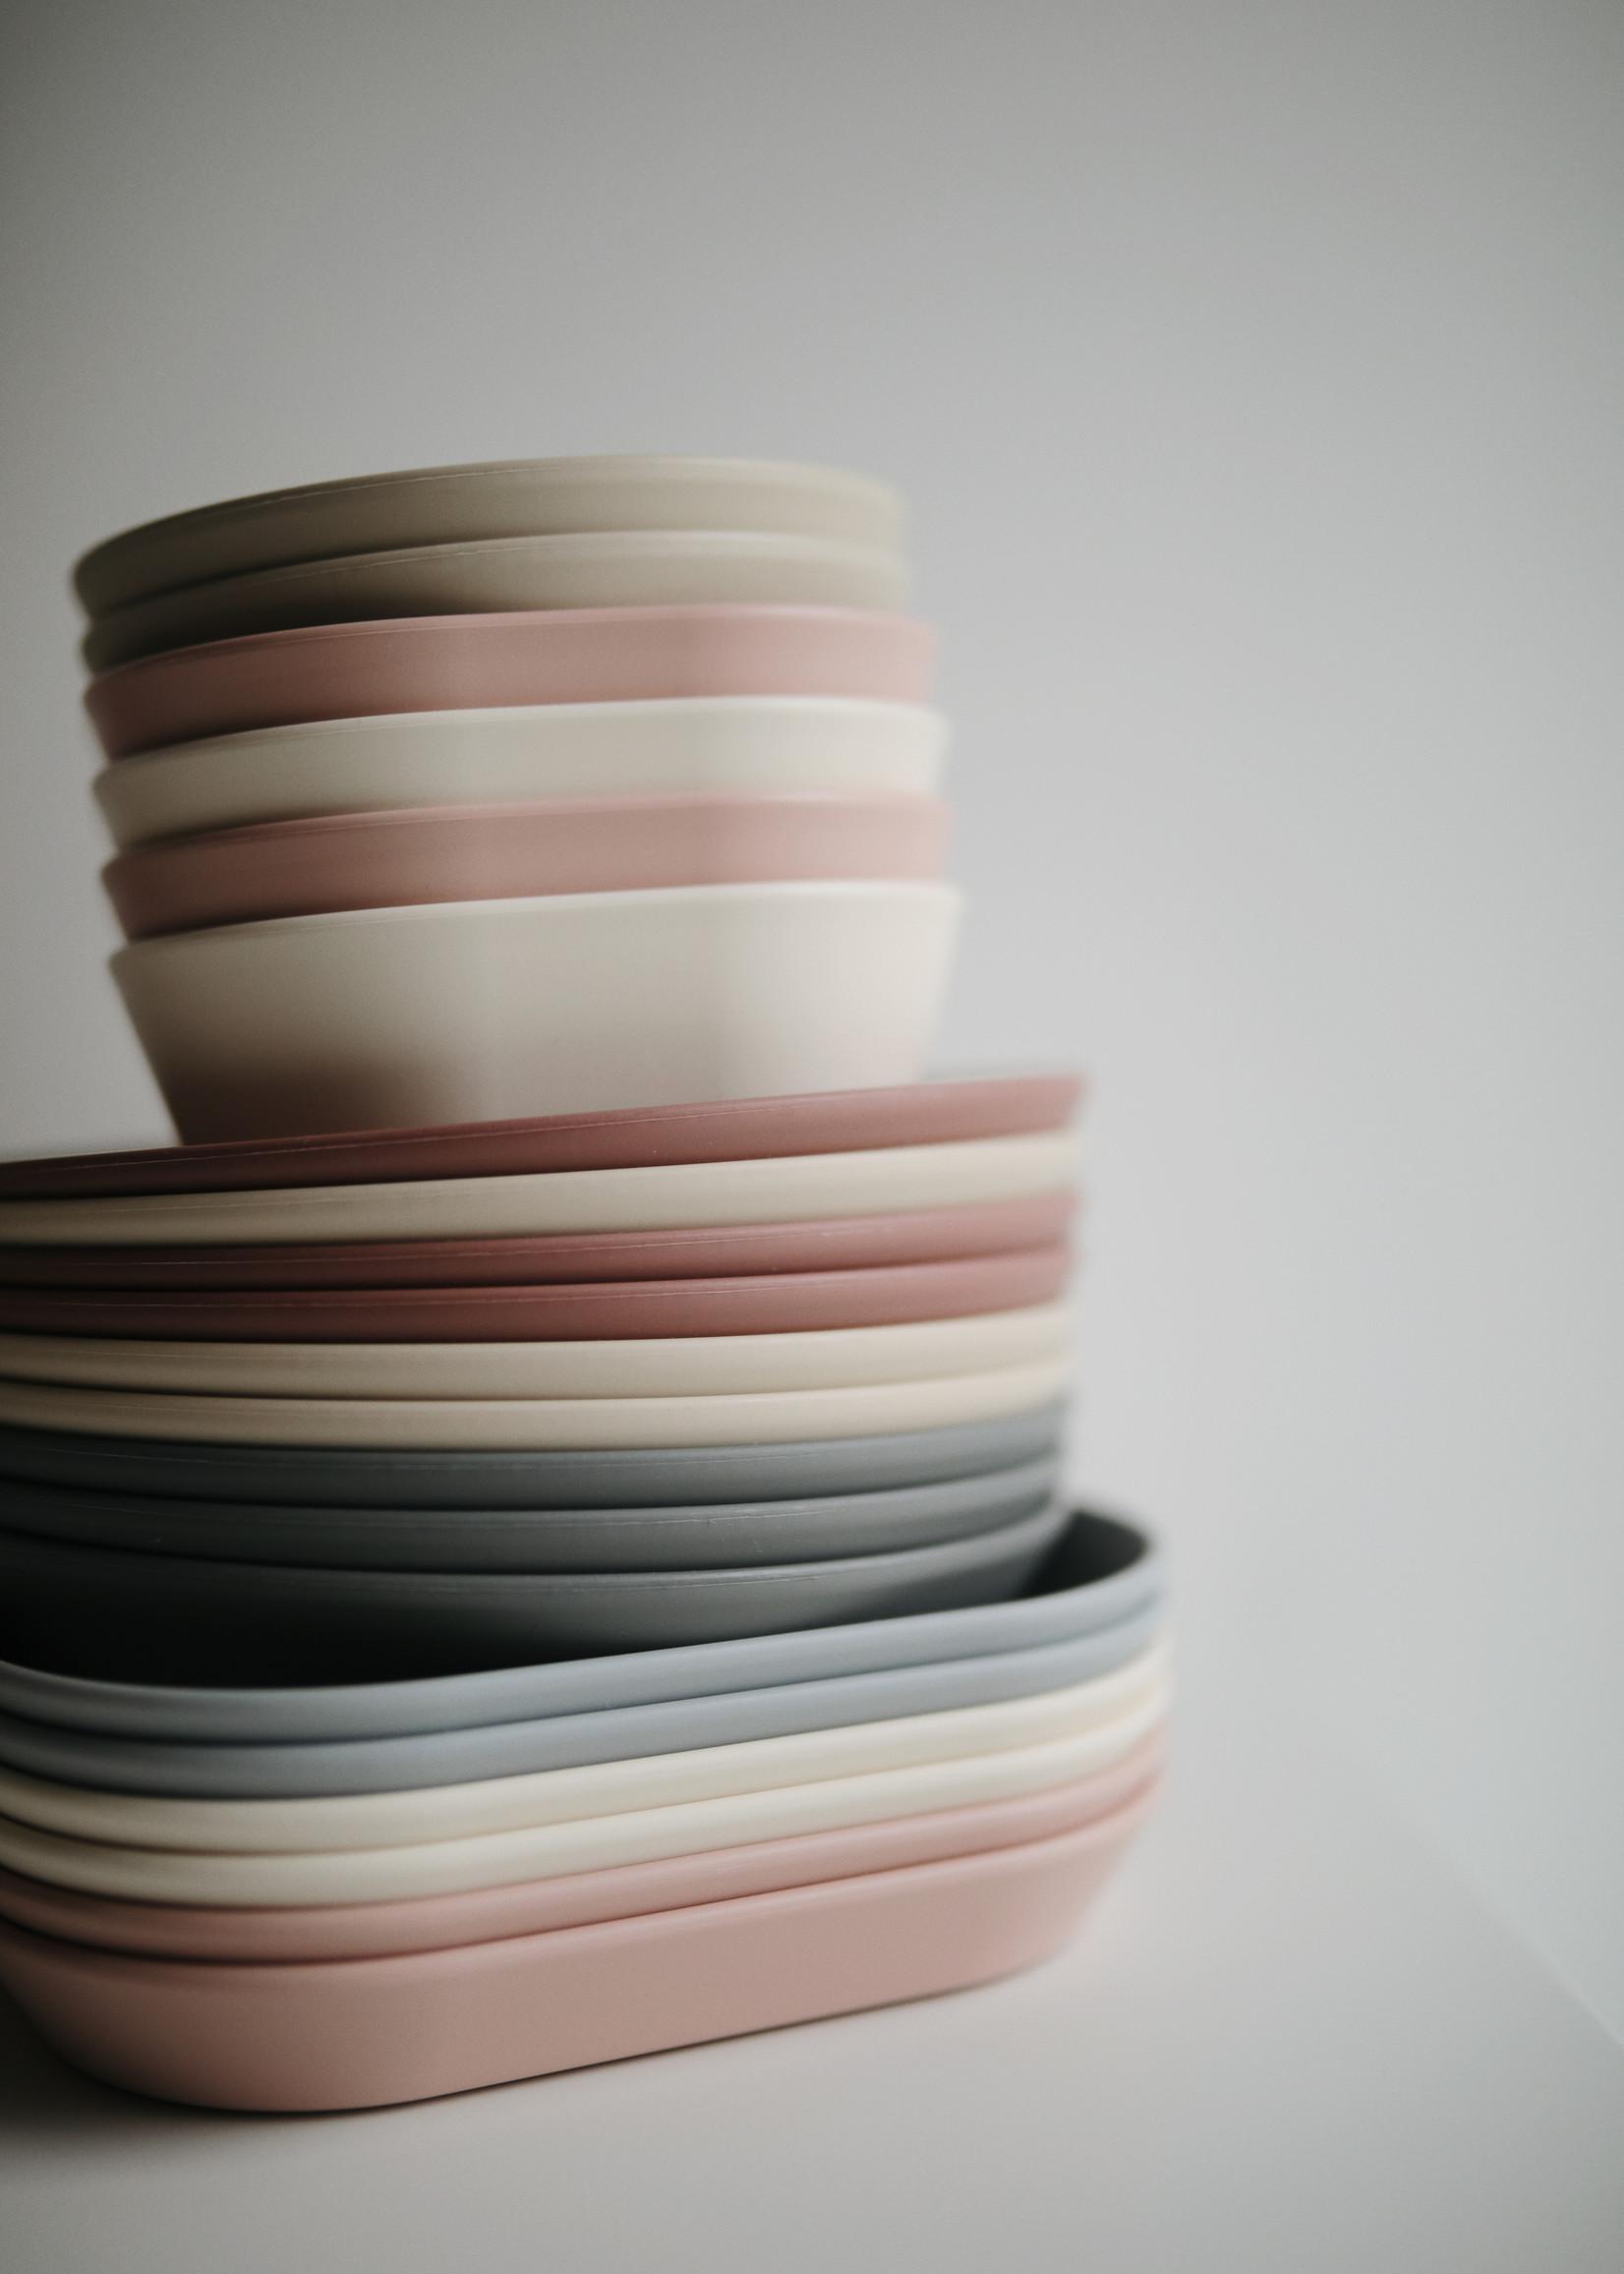 Mushie MUSHIE - Plates Square Ivory